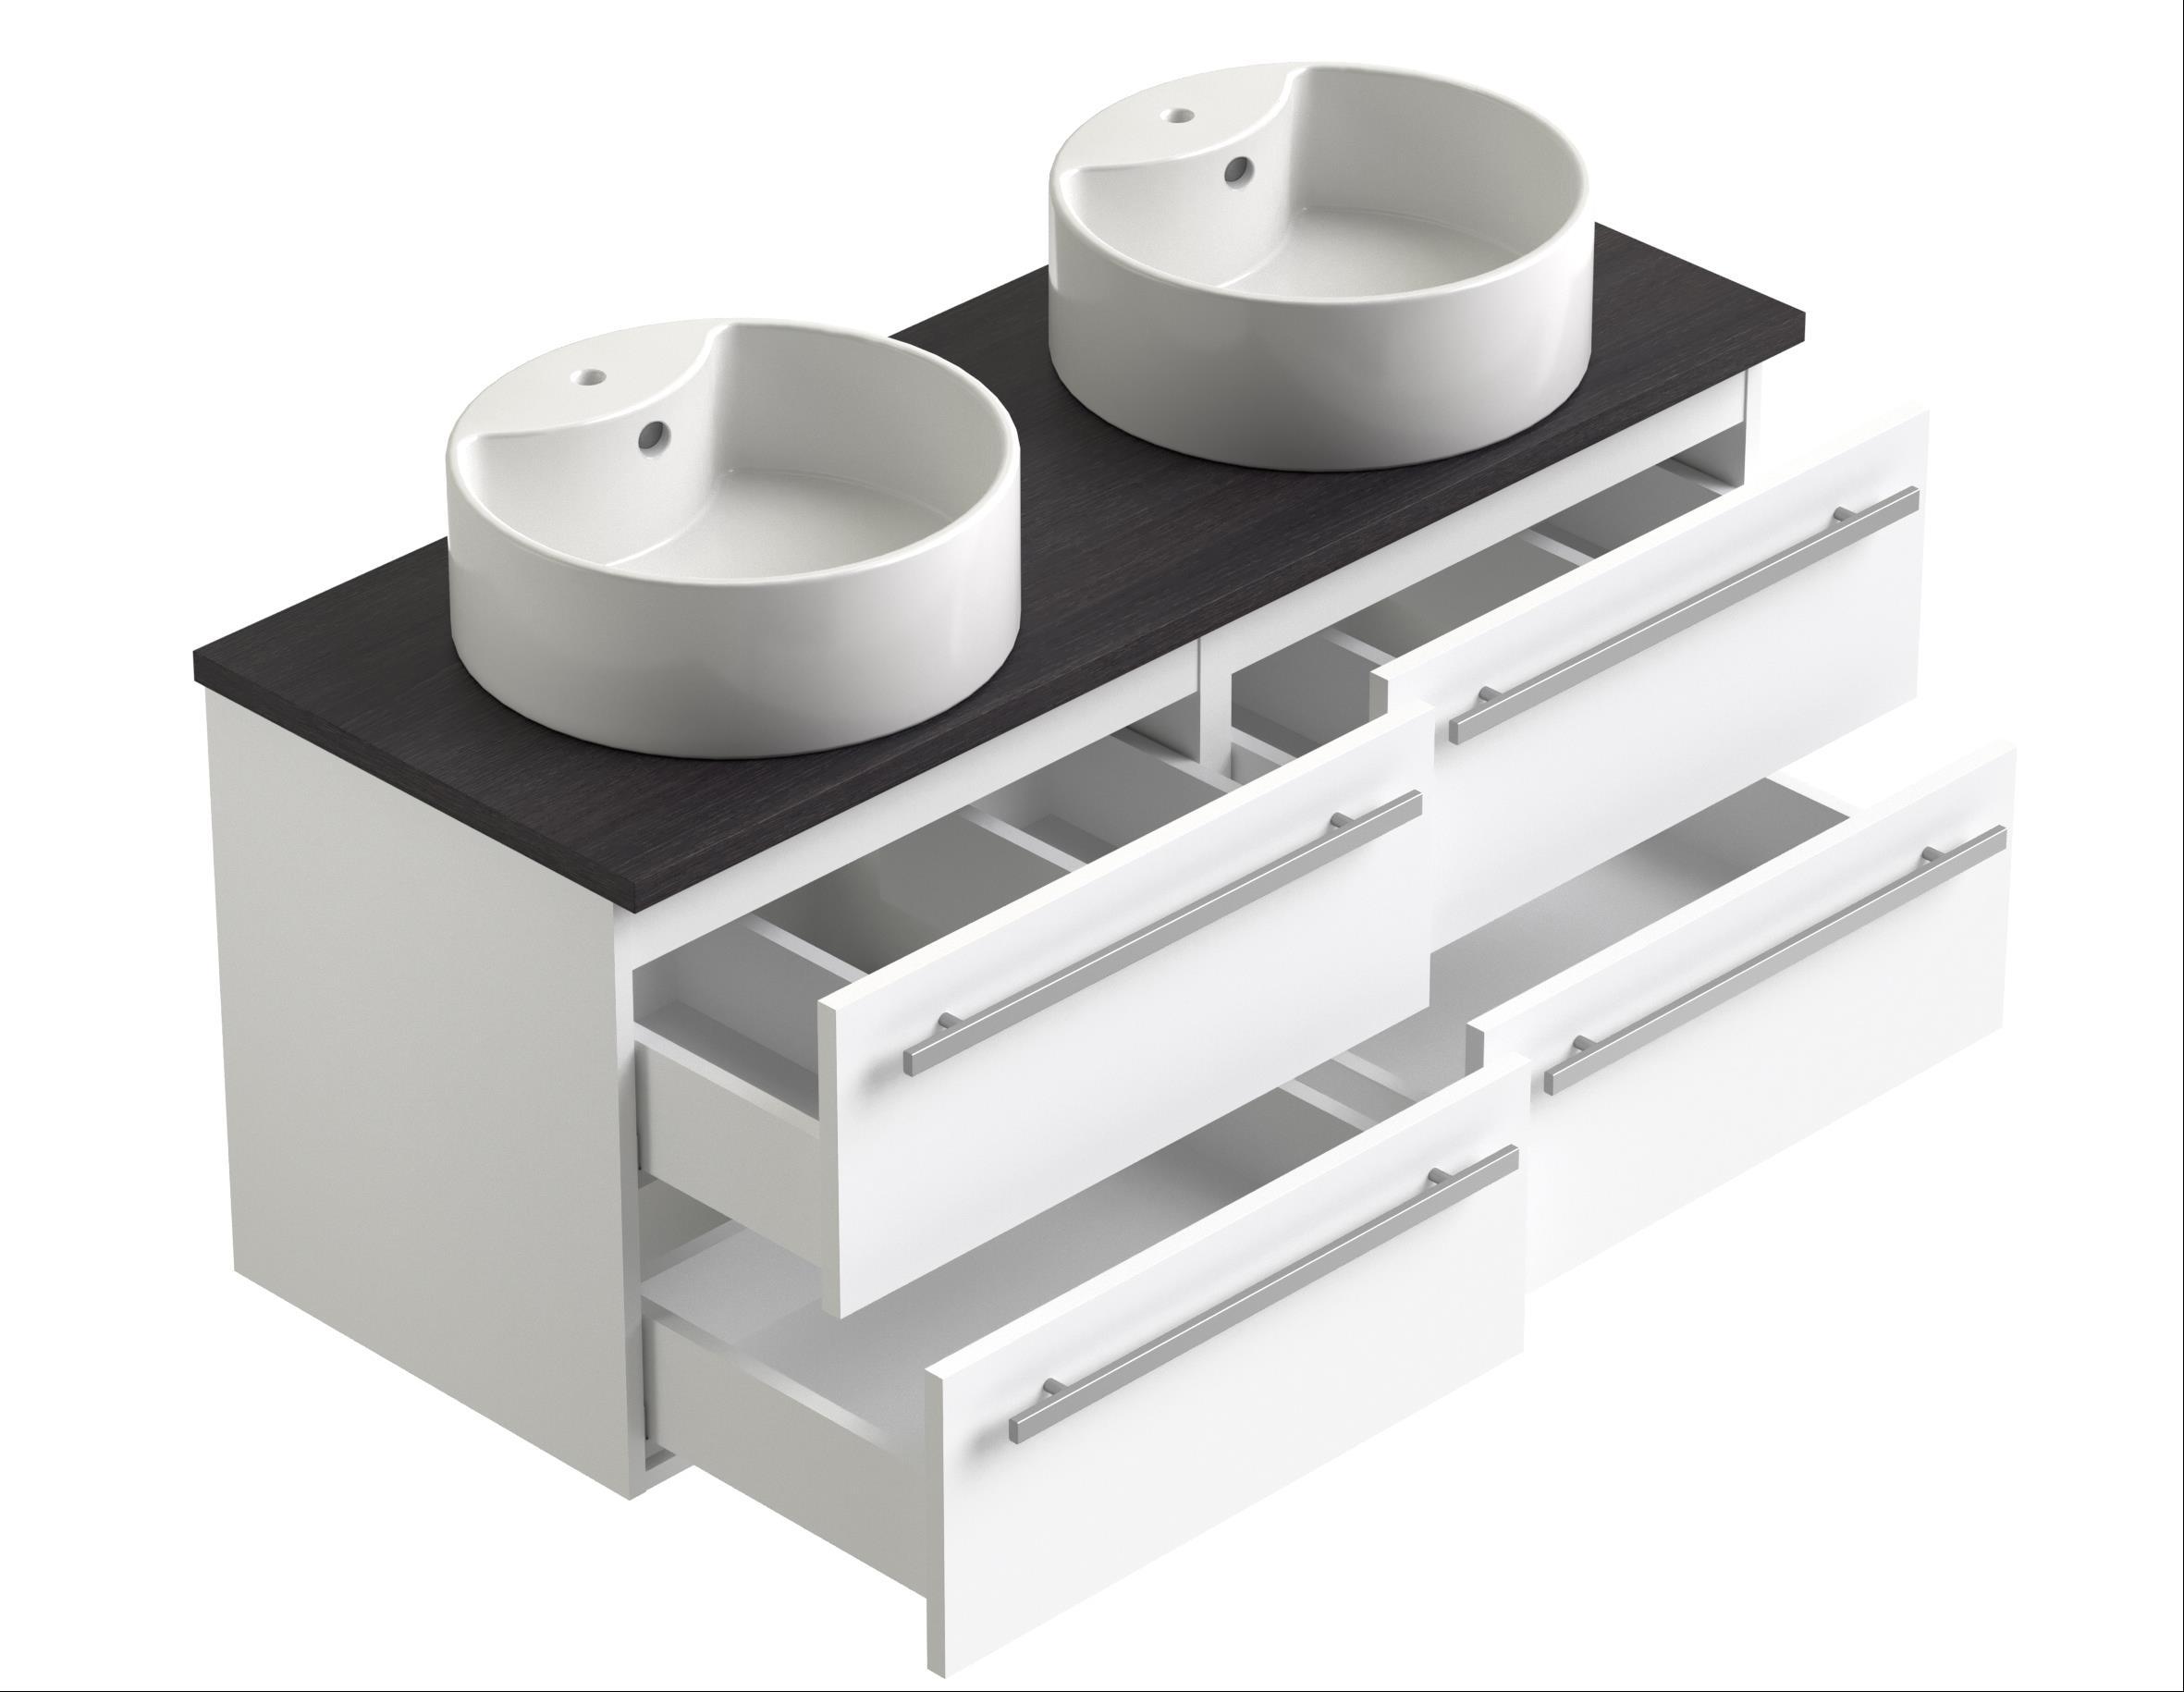 Bad Waschtischunterschrank mit Waschtischplatte und 2 runden Aufsatzbecken Serena 120 Eiche schwarz Bild 3